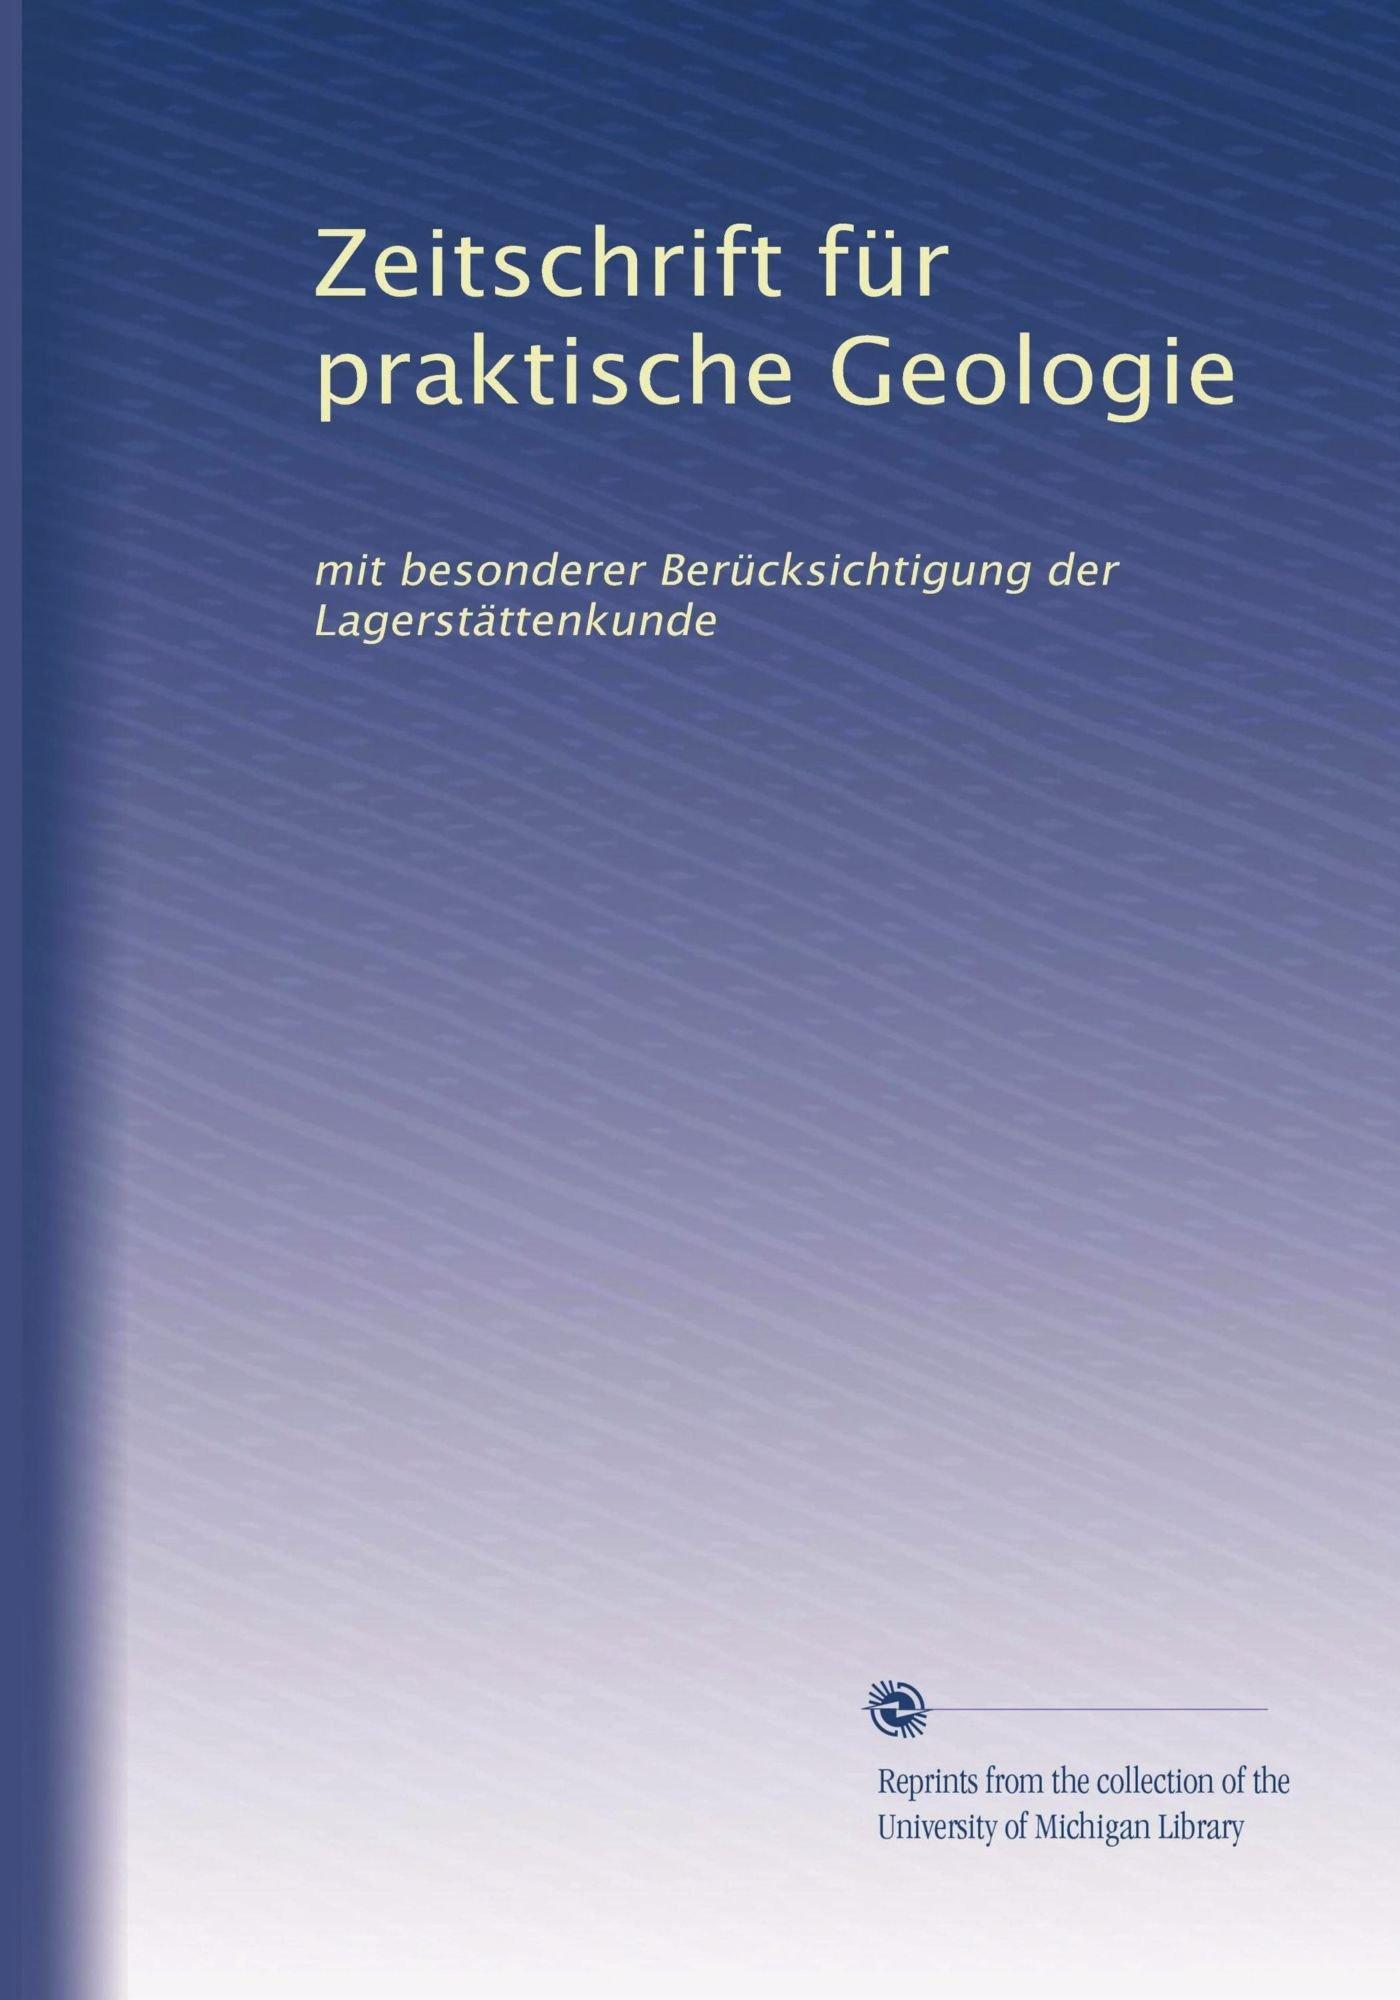 Zeitschrift für praktische Geologie: mit besonderer Berücksichtigung der Lagerstättenkunde (Volume 6) (German Edition) pdf epub